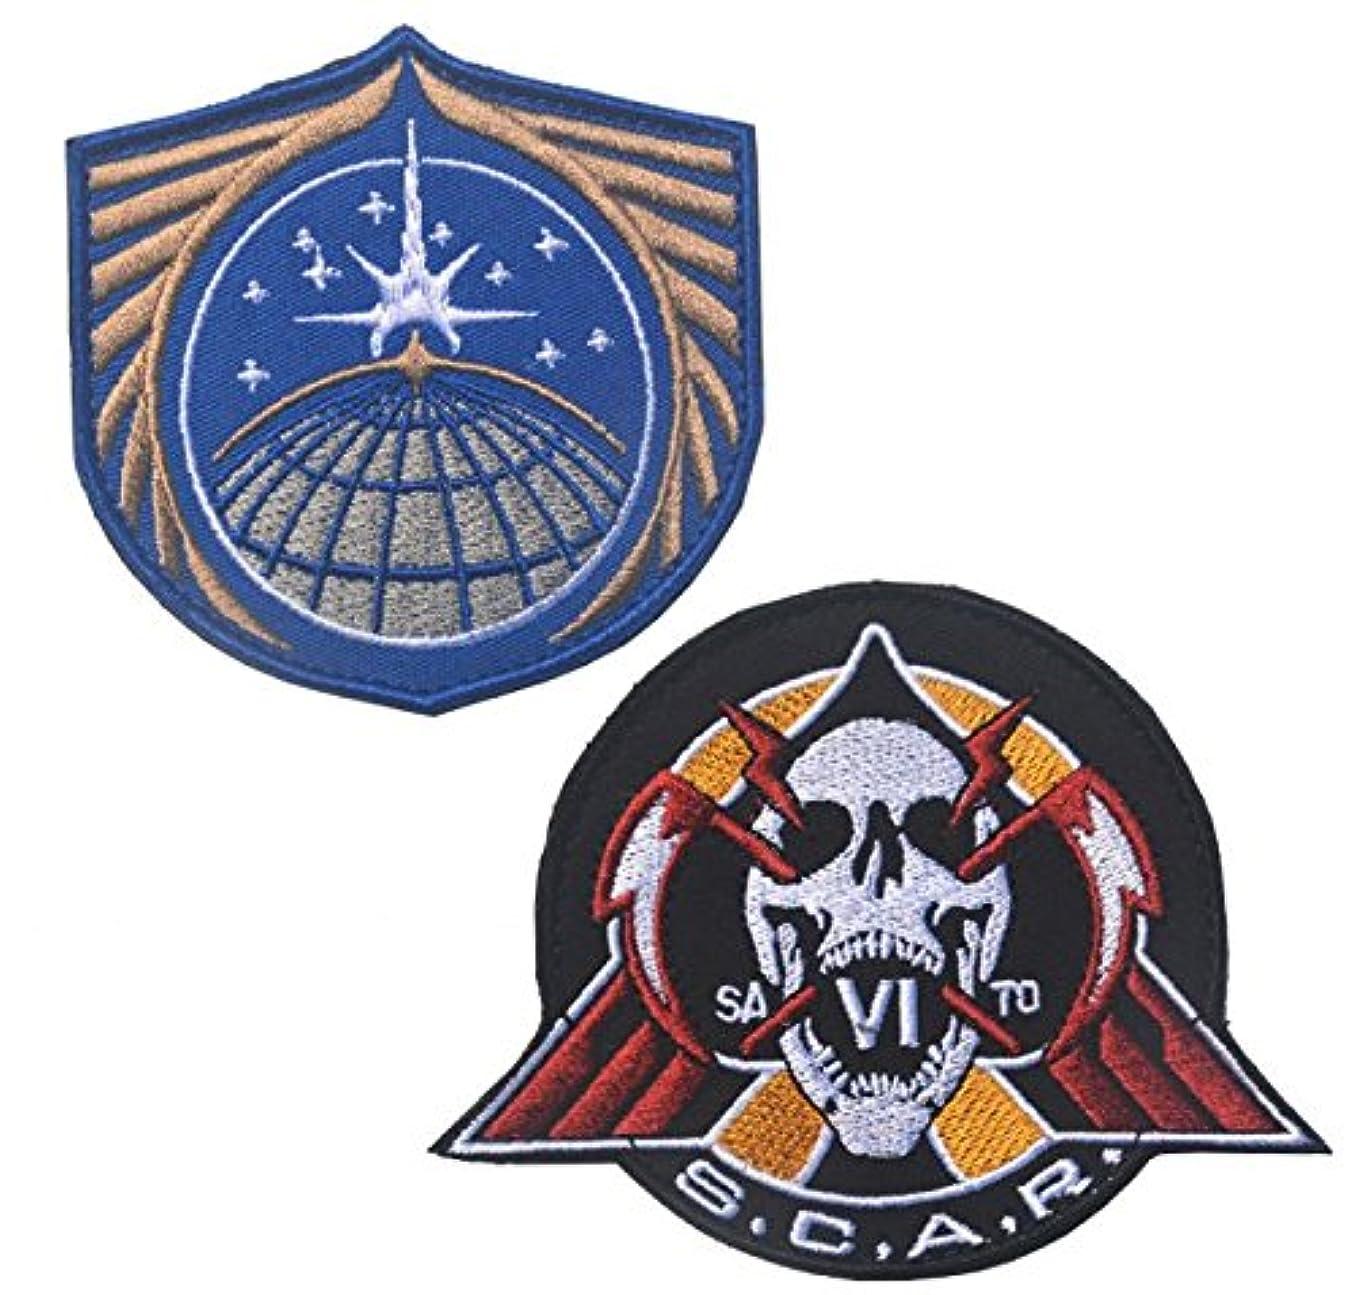 見捨てる構成する省2点セット ミリタリー ベルクロワッペン COD IW モチーフ [ UNSA + SCAR ] (S.C.A.R)